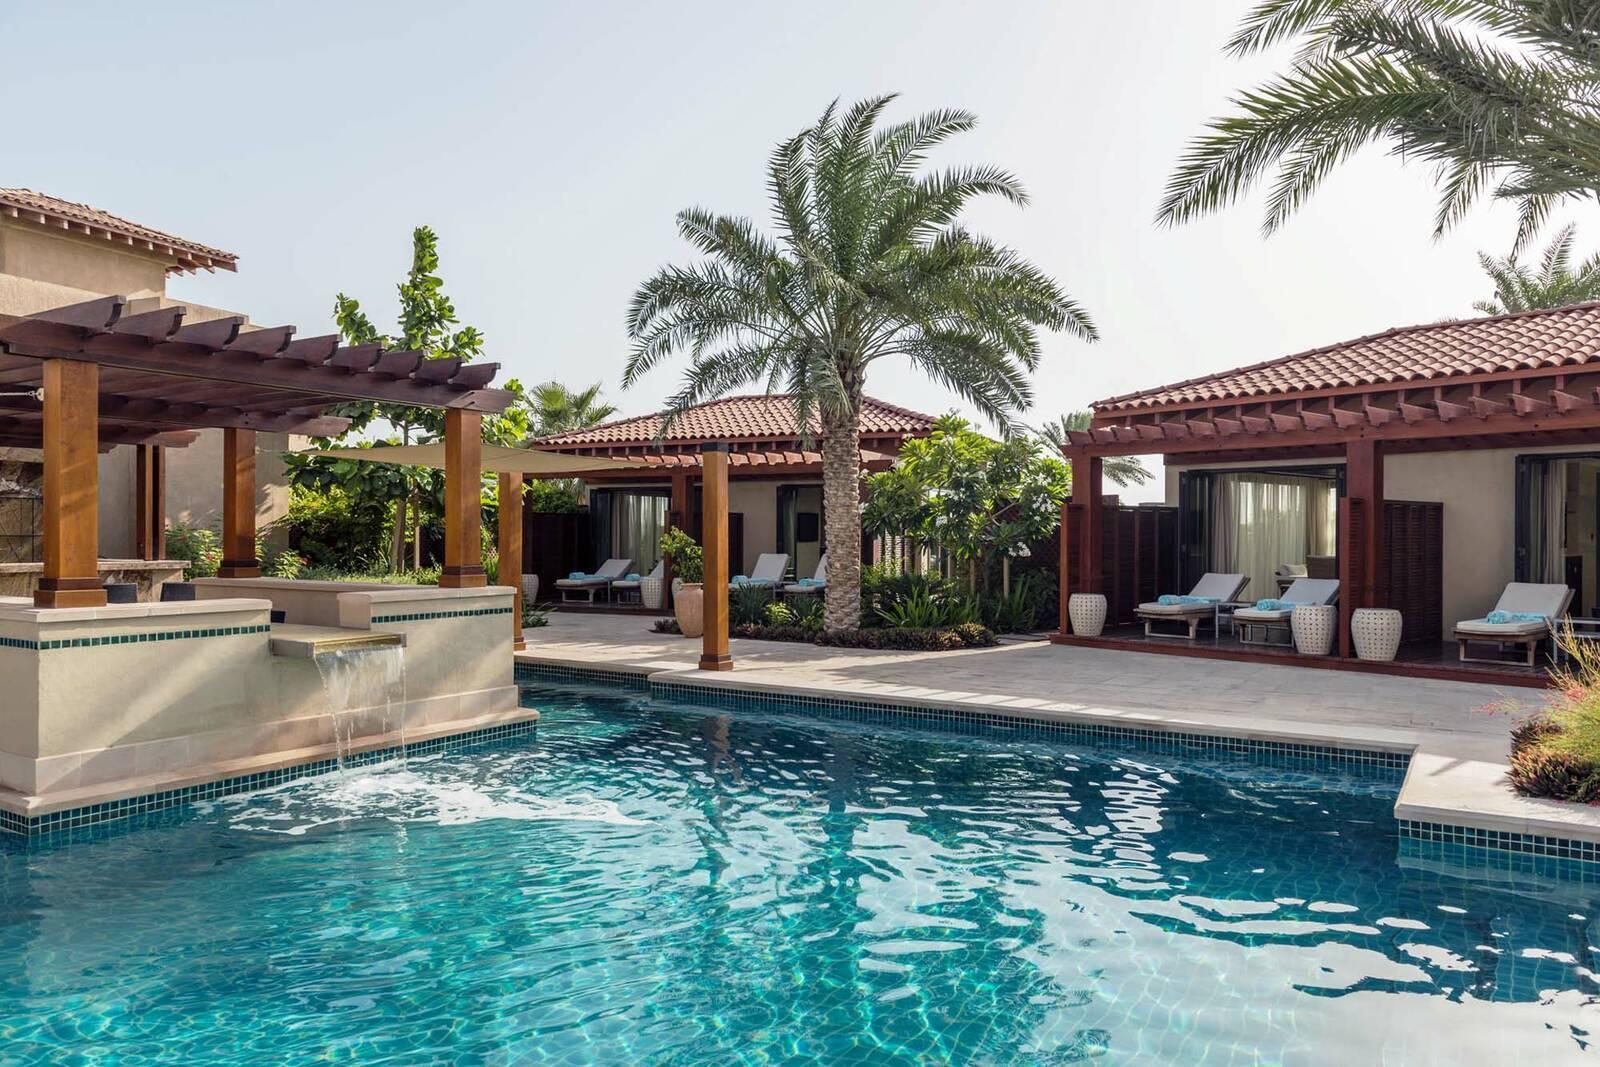 Saint Regis Saadiyat Abu Dhabi Cabana Piscine